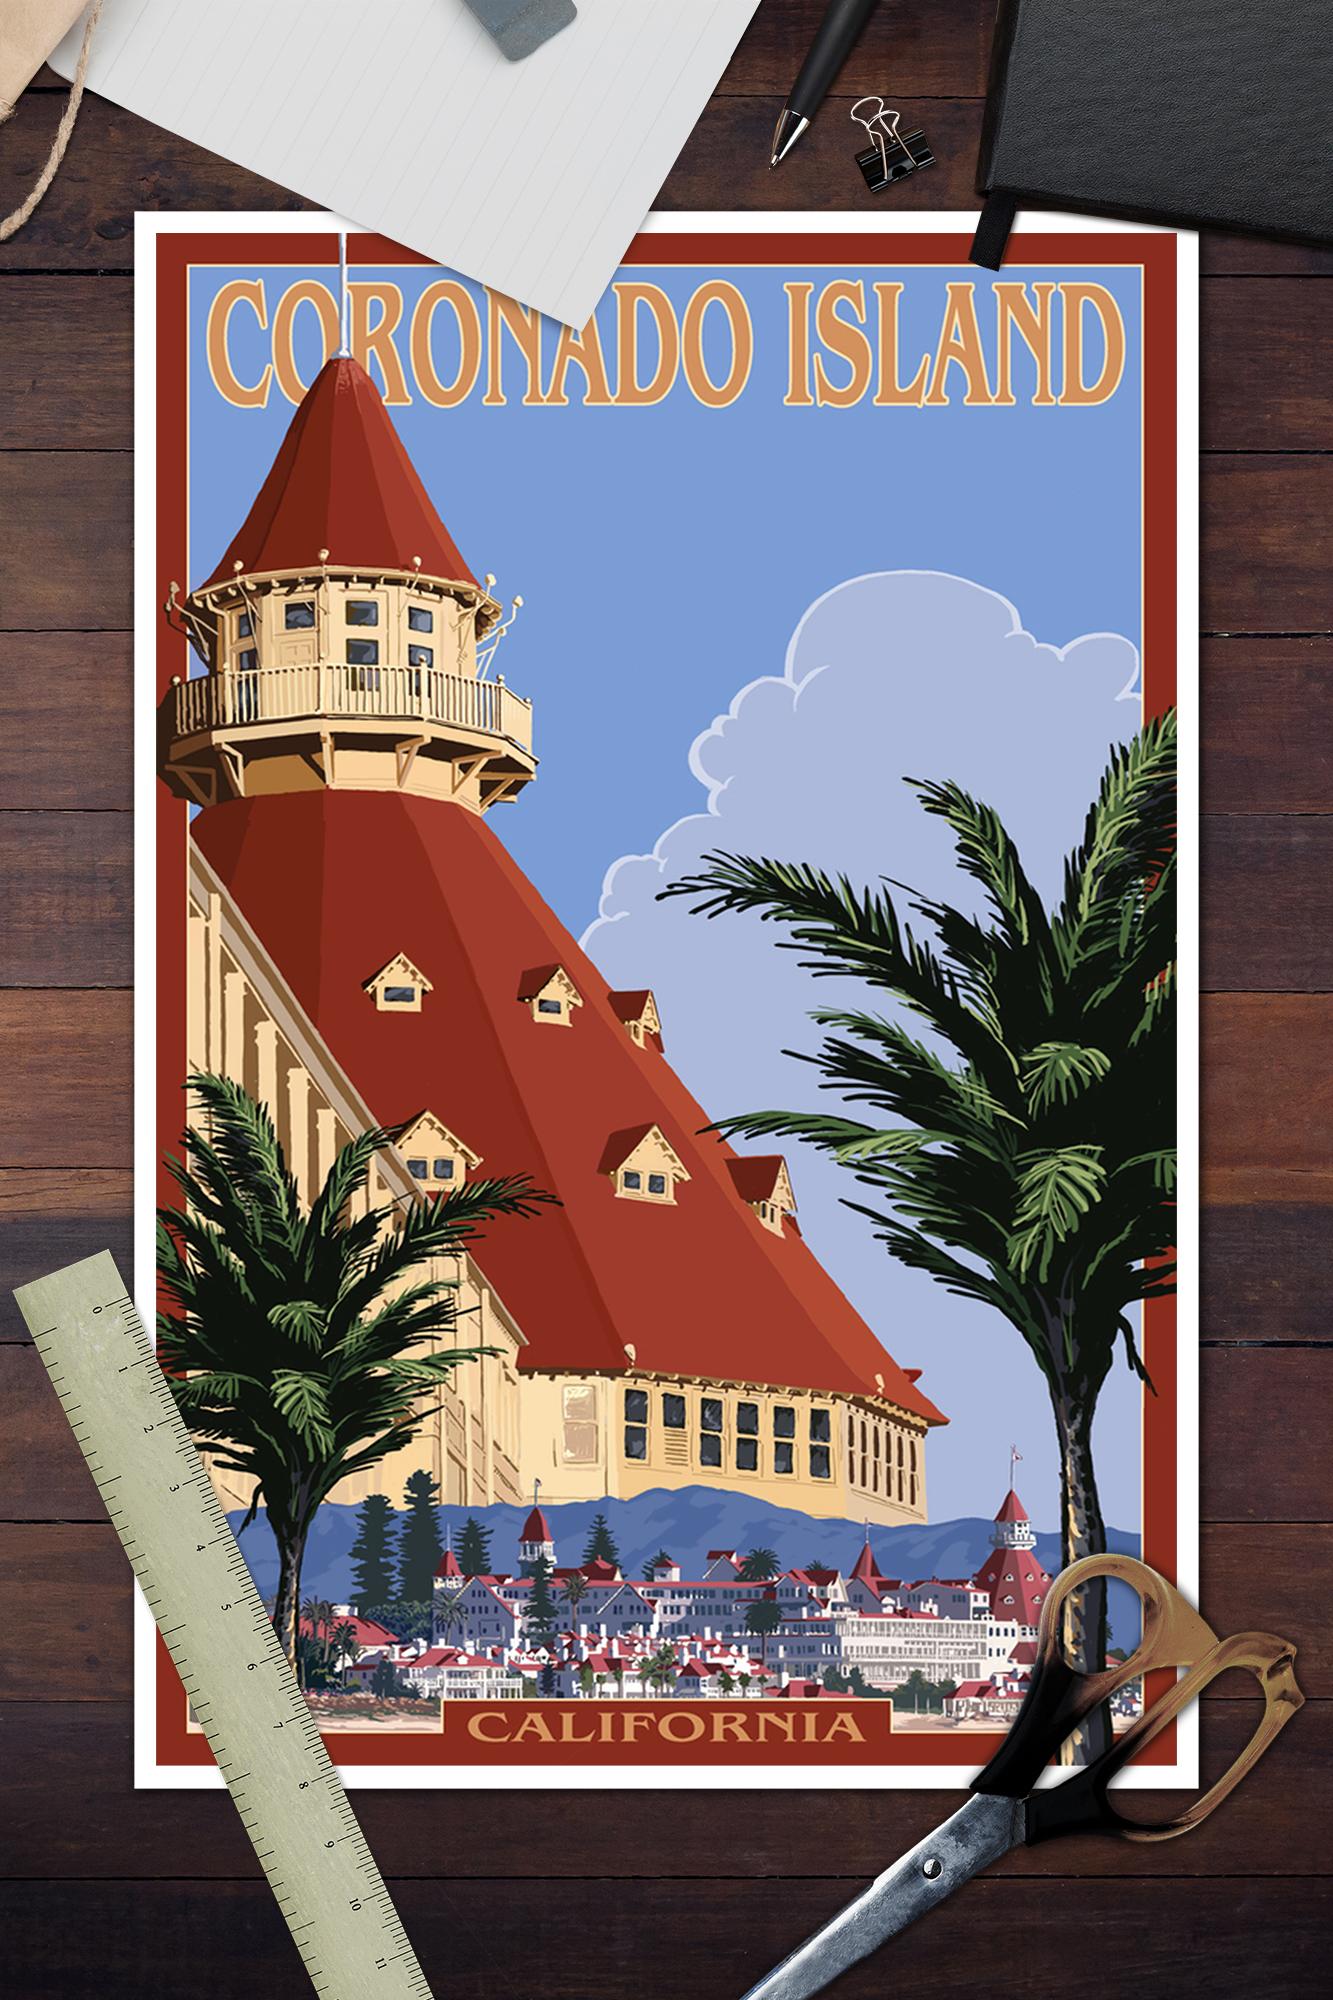 Coronado Island CA Hotel Del Coronado